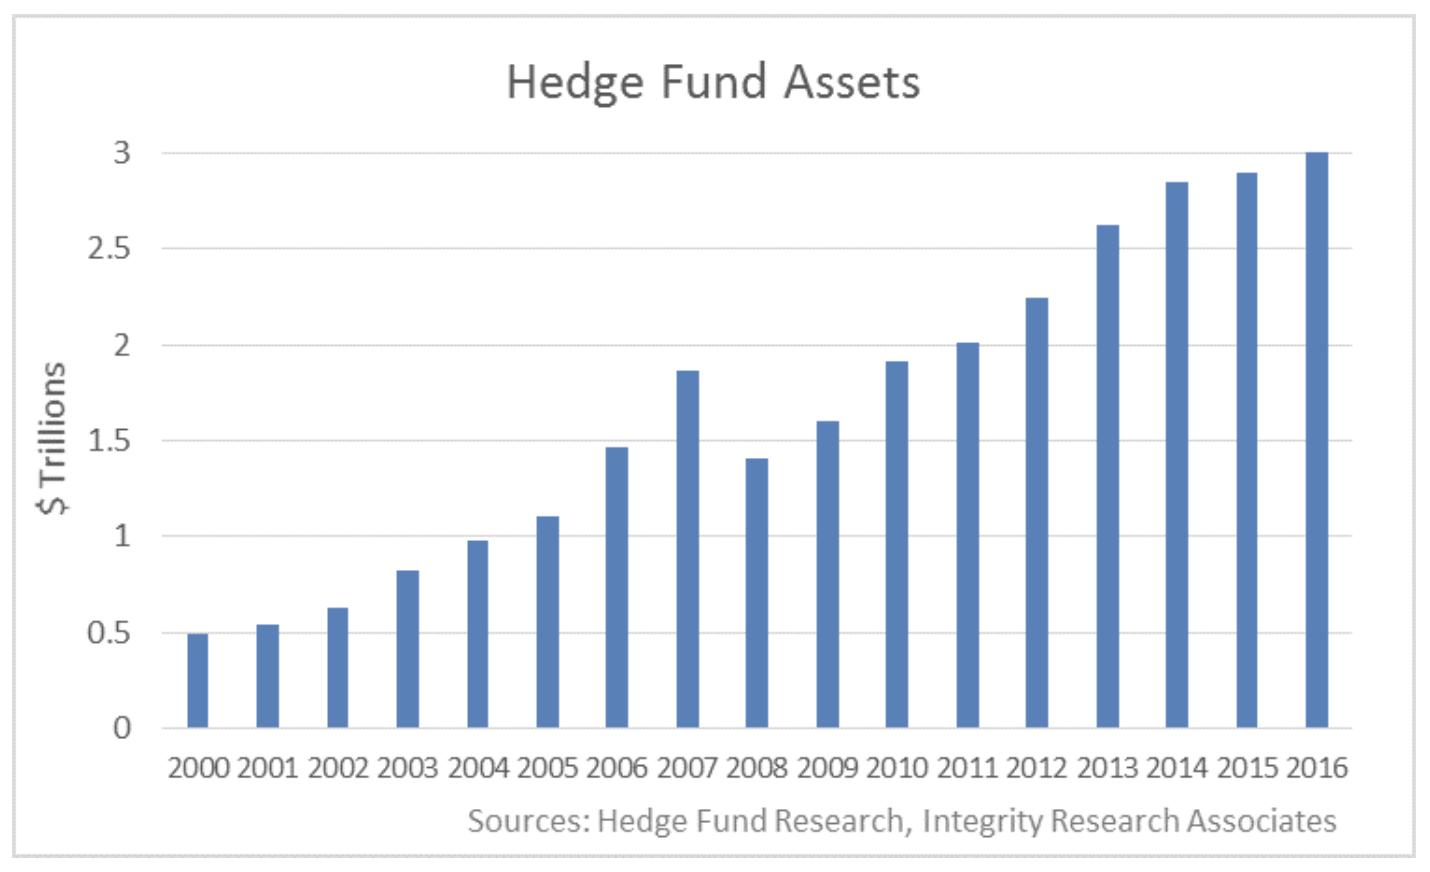 ヘッジファンドの運用資産残高の推移